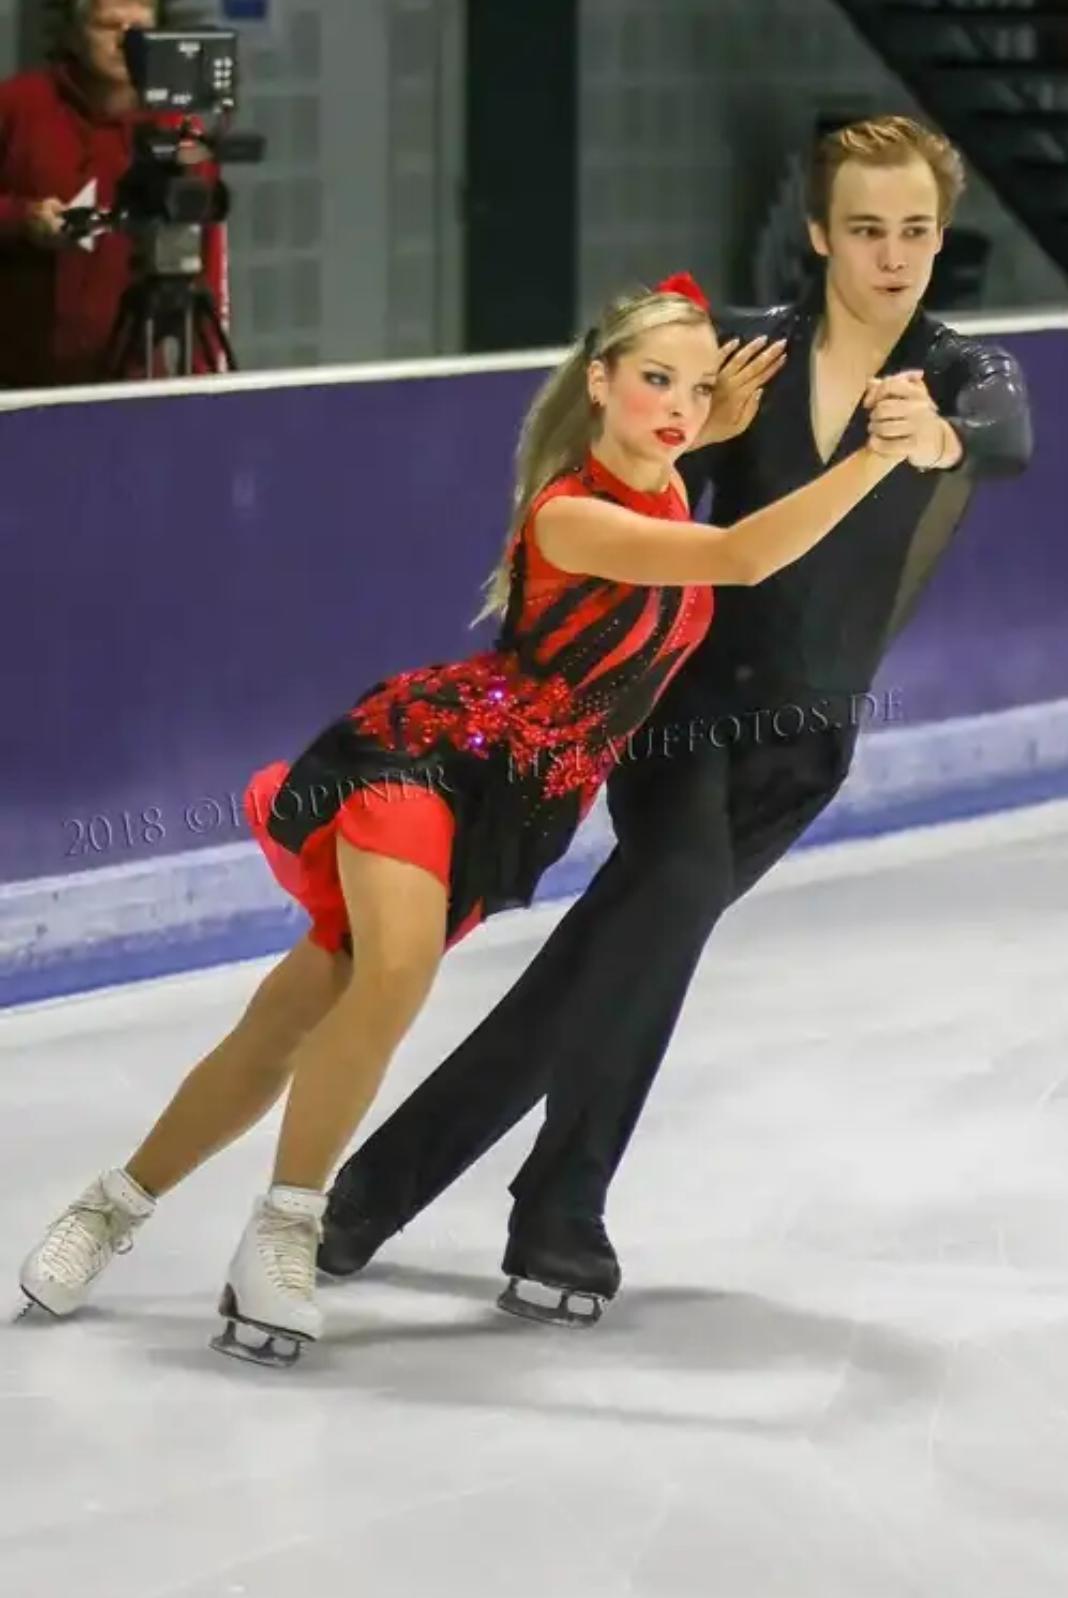 Sergey Gross - Eiskunstlauf